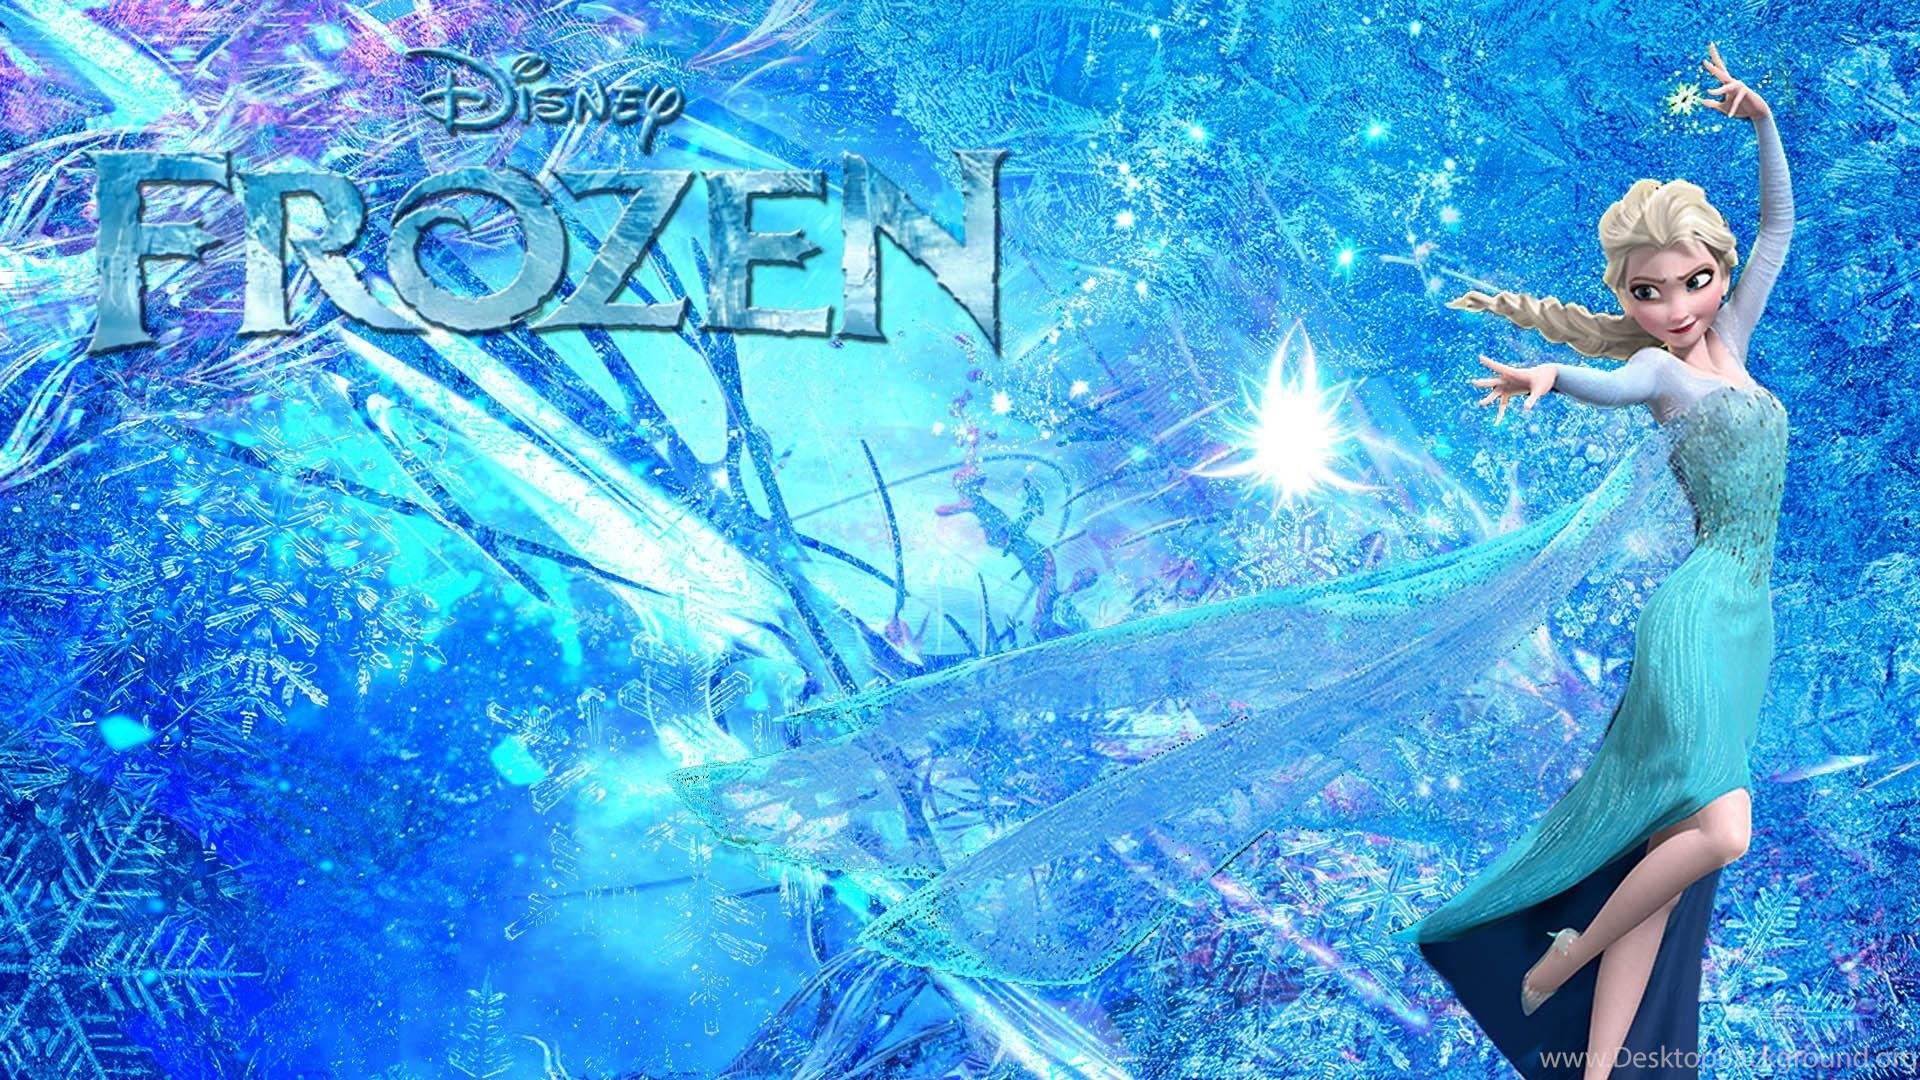 elsa frozen wallpapers hd desktop background